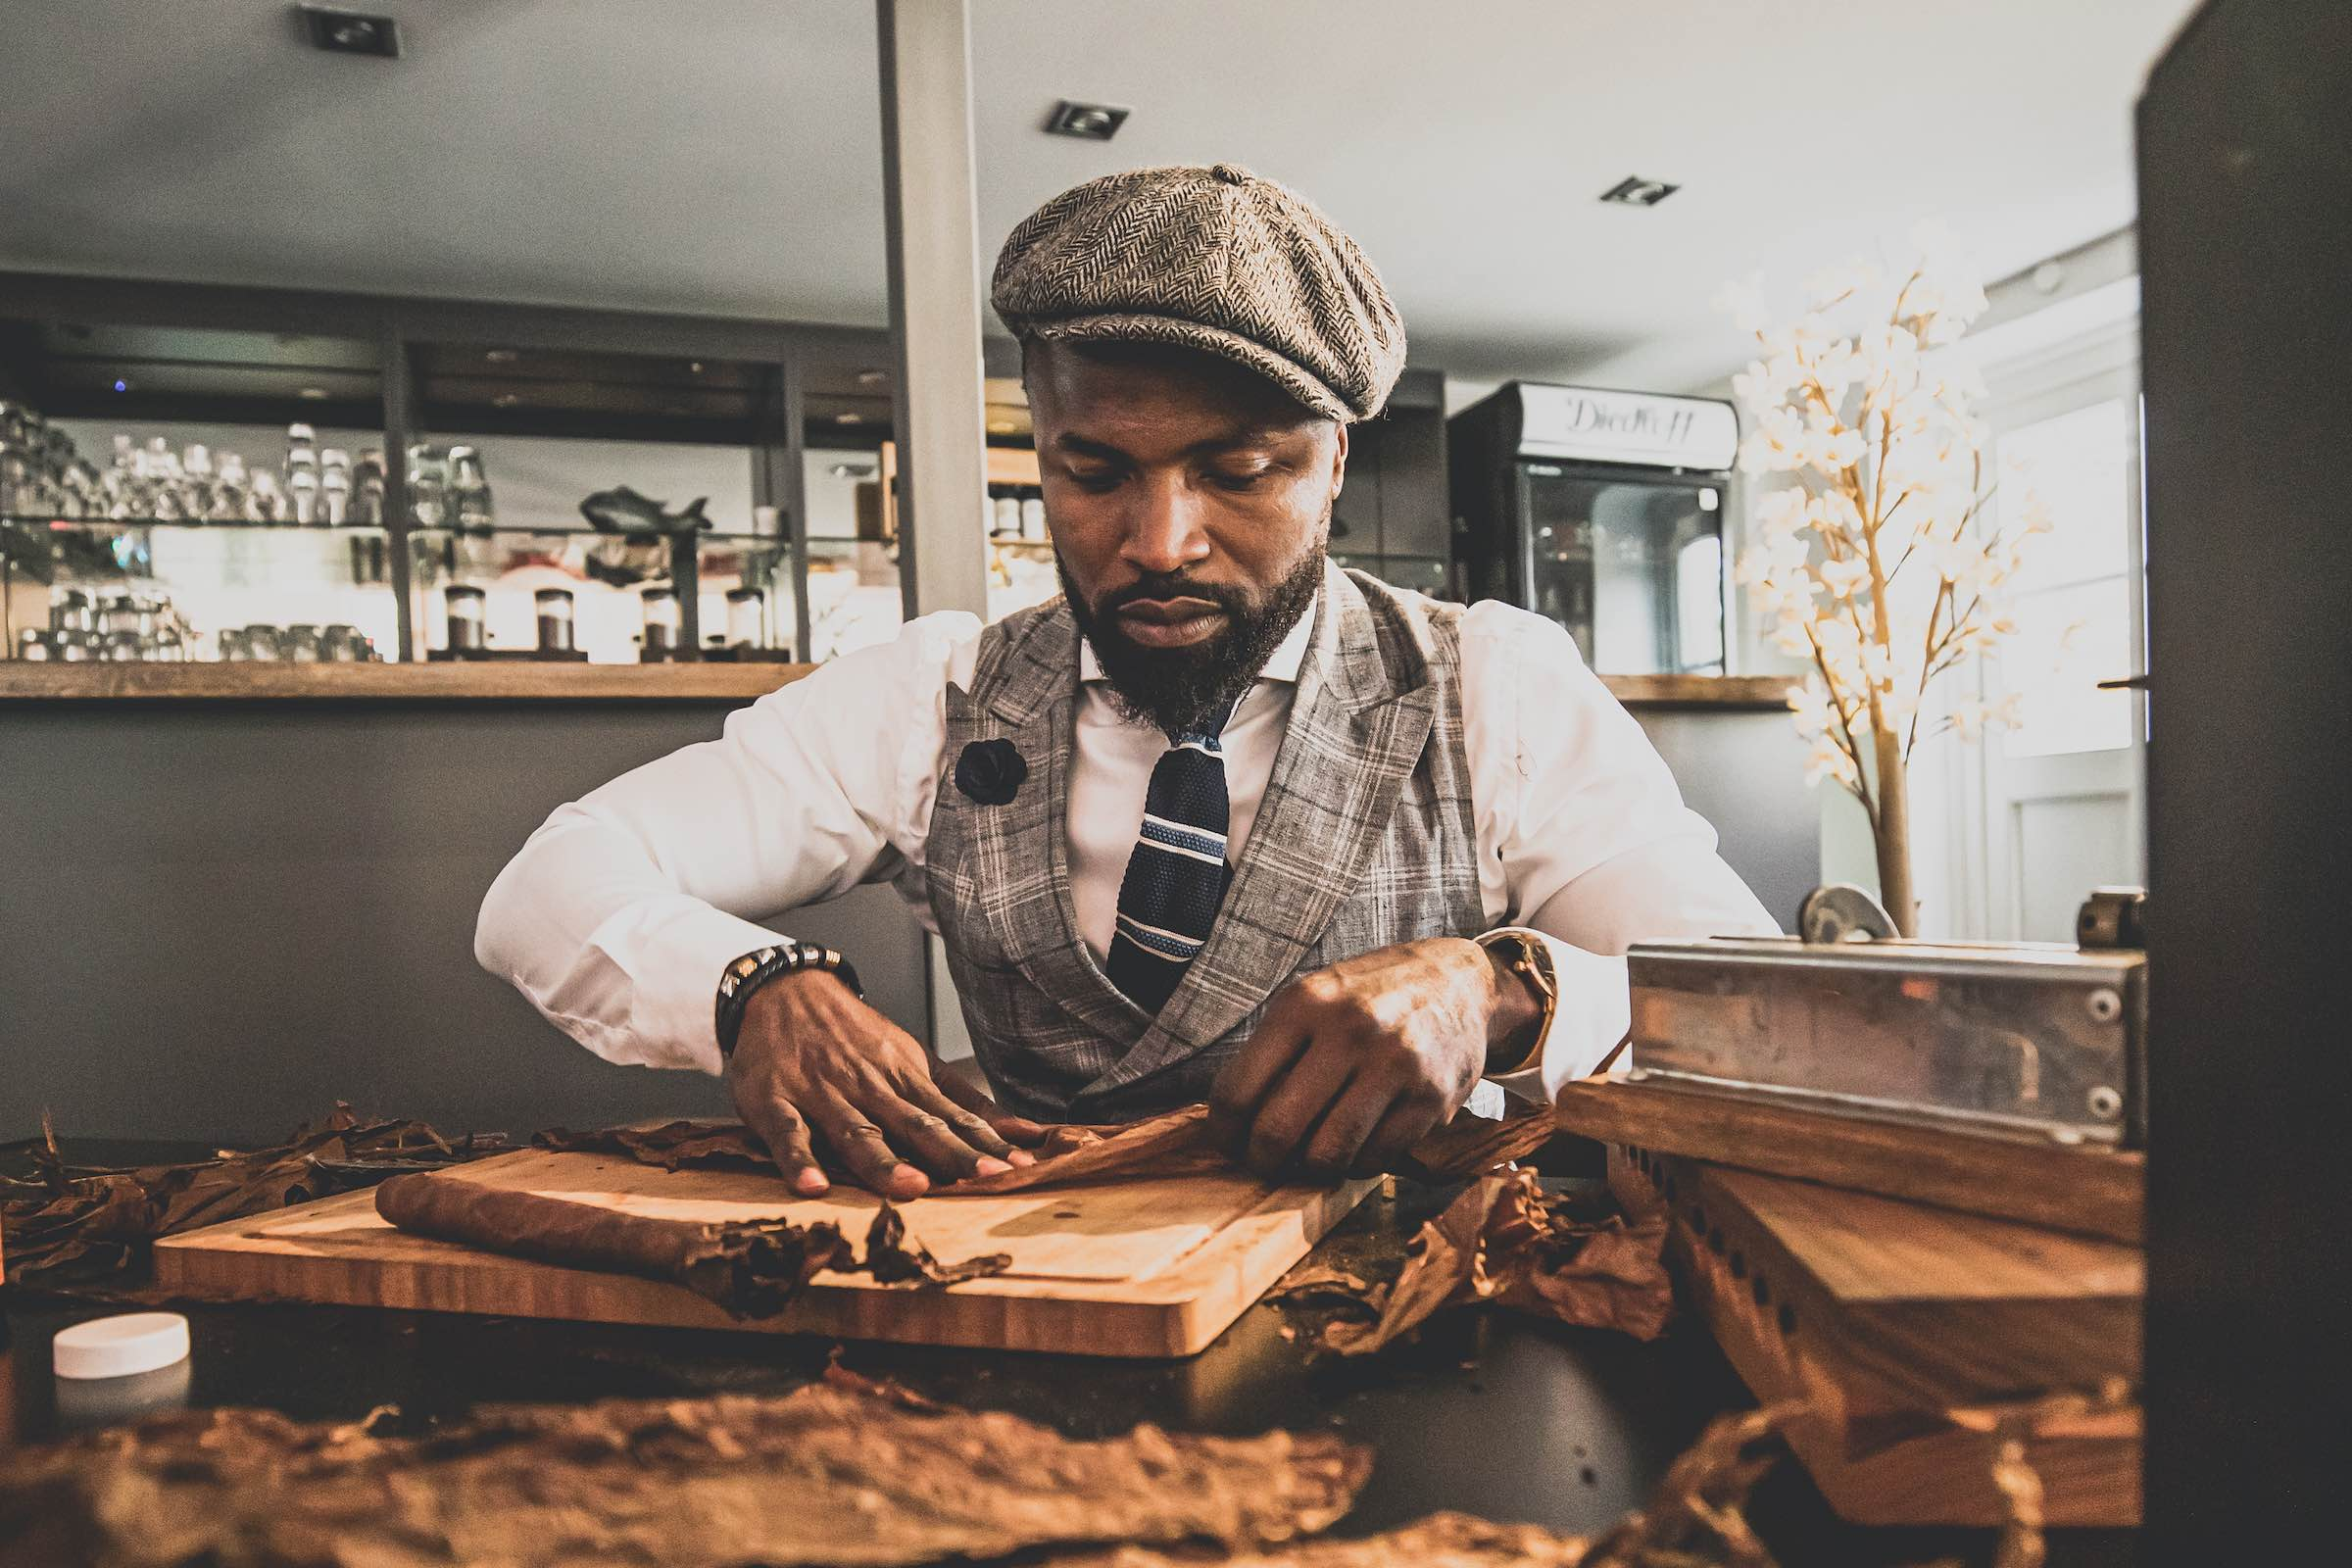 Zigarrendreher | Zigarrenroller | Trocadero | Buchen | Mieten | AnfragenHandgemacht | Zigarren | Robusto | Corona | Churchill | Zigarren | Banderole | Bauchbinde | Drehen | Tabak | Brasilien | Cuba | Indonesien